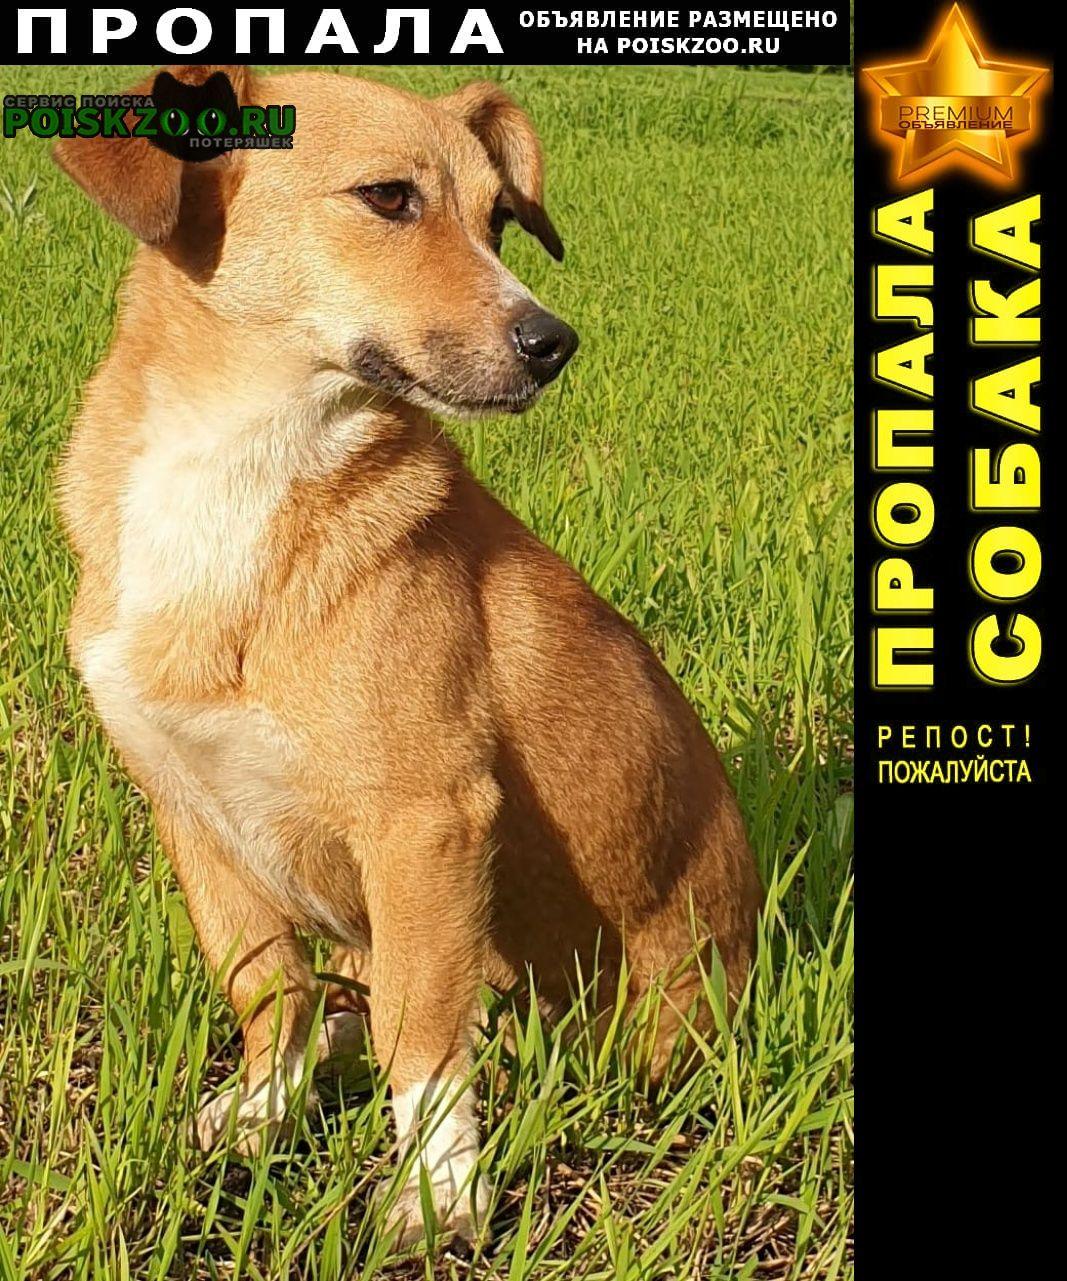 Пропала собака помогите найти собаку  г.Воронеж